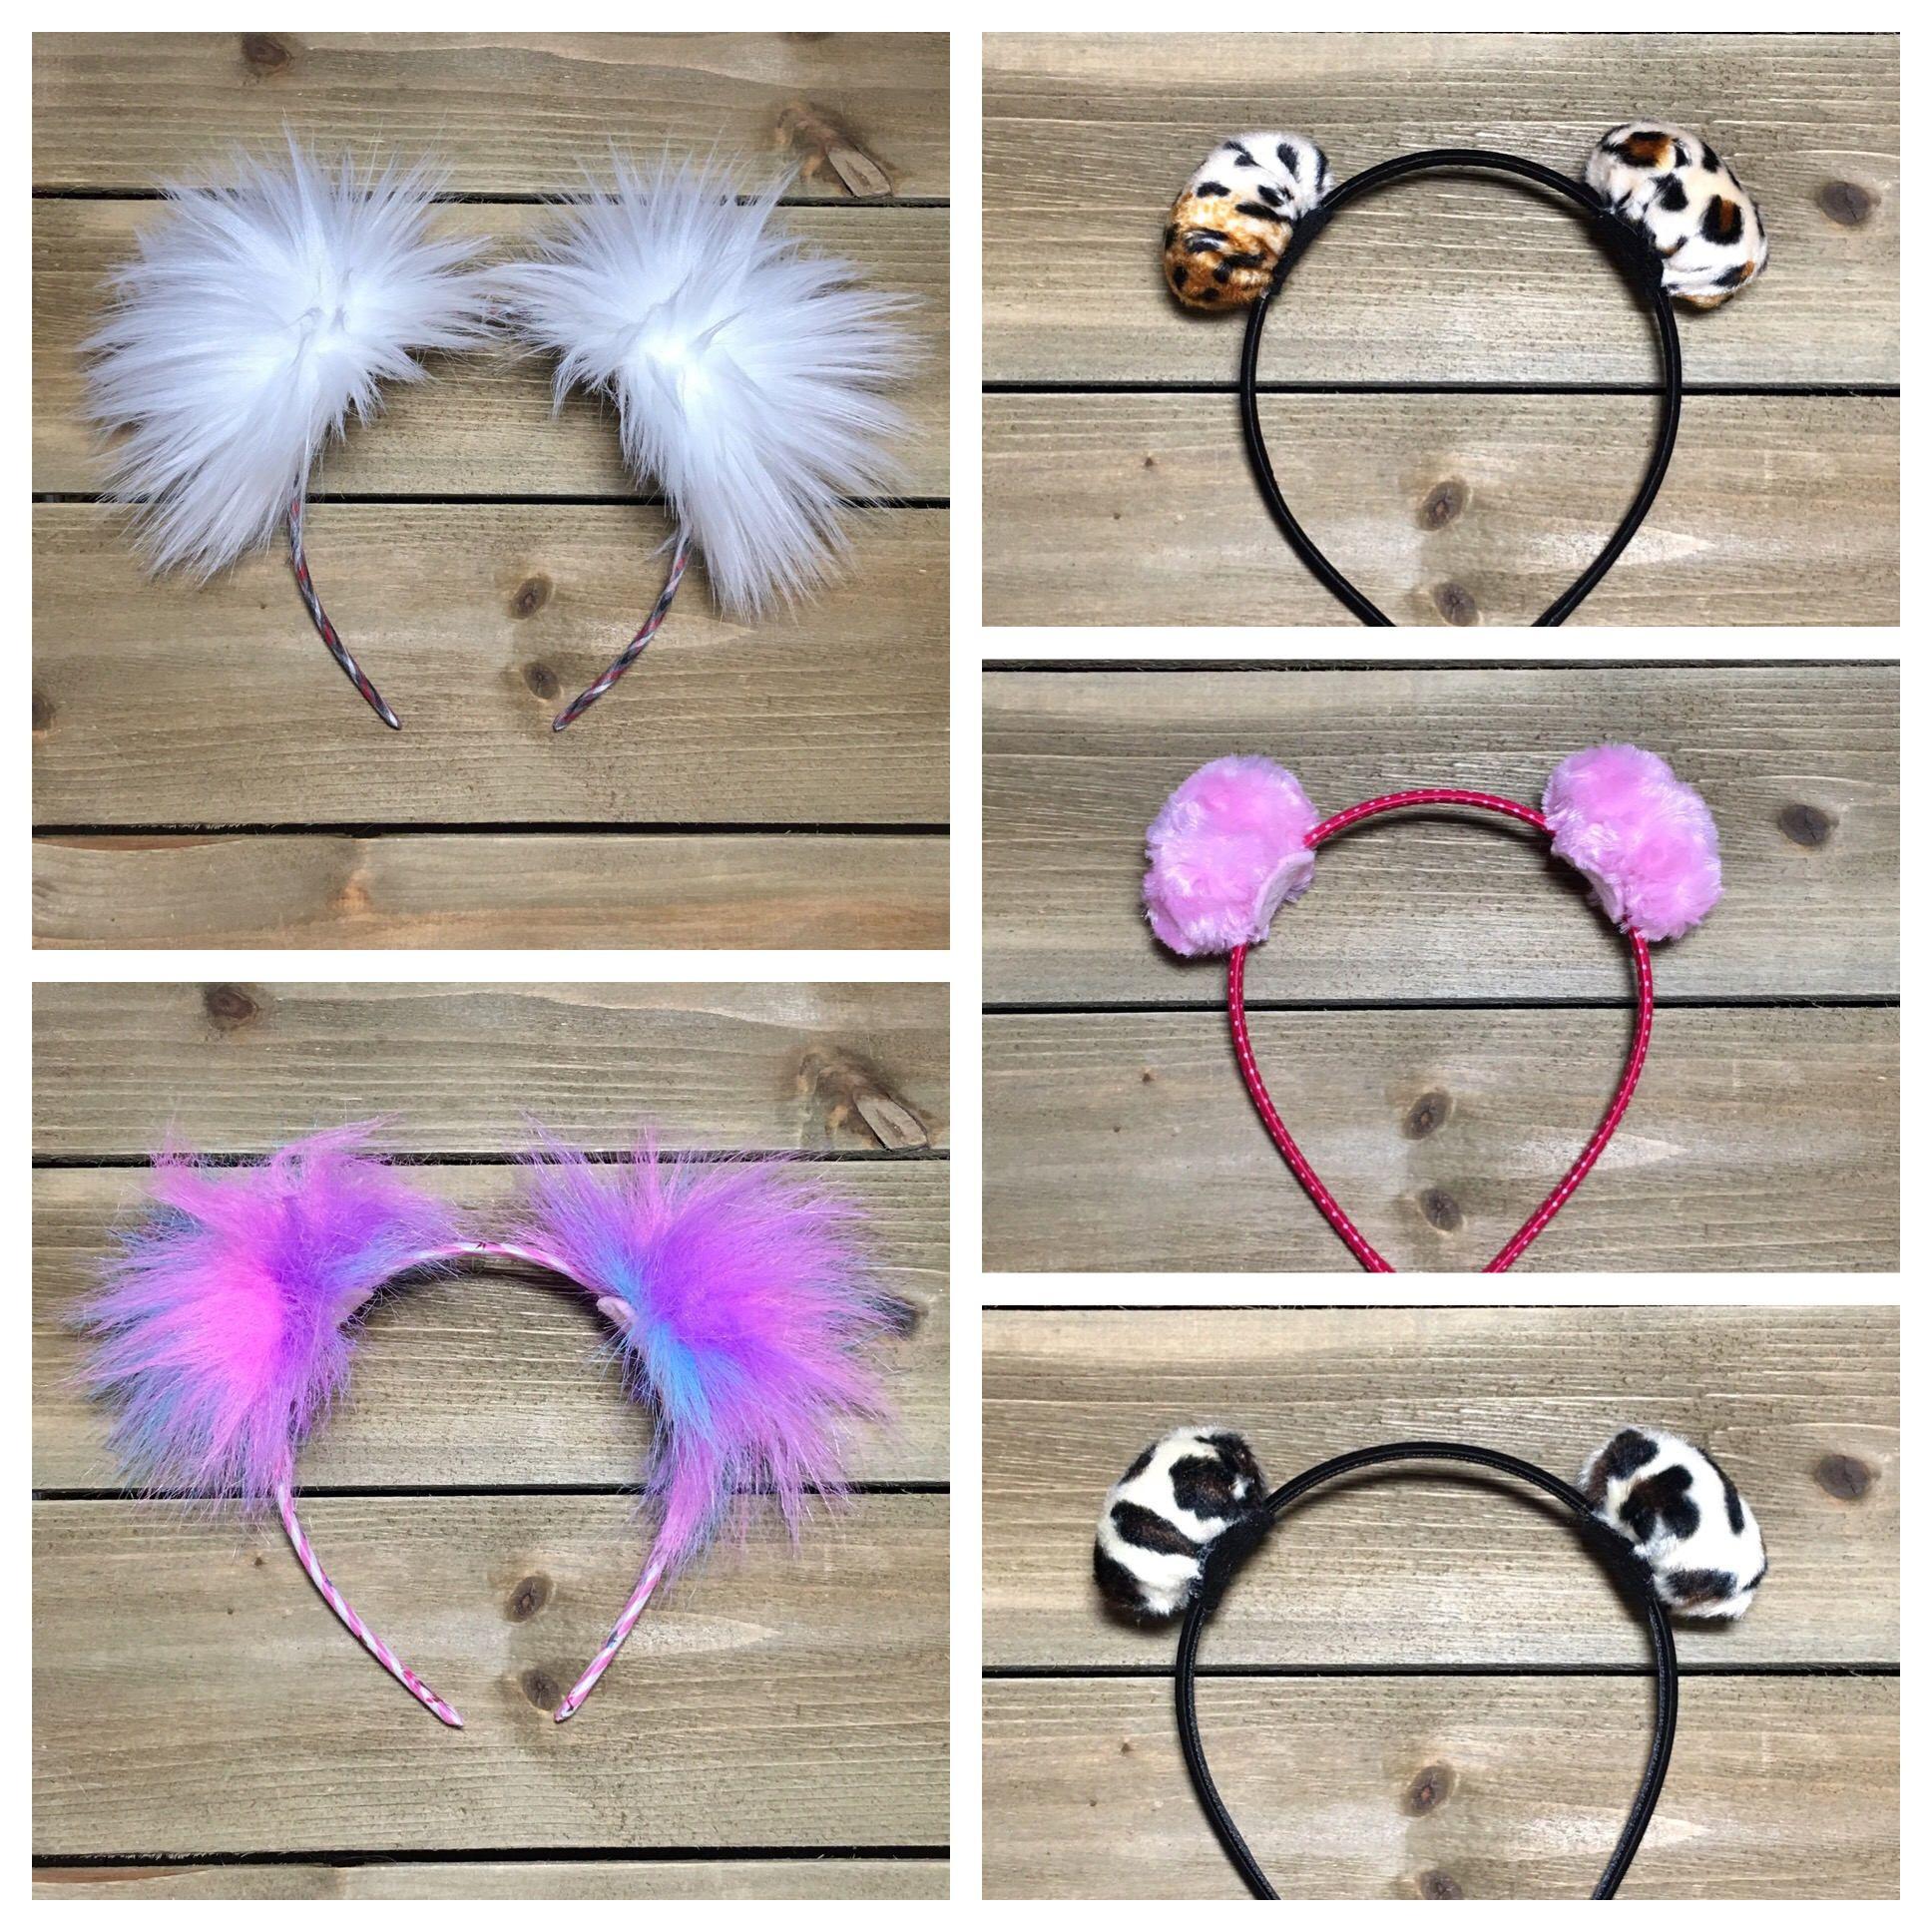 Pom Pom Headband  Furry Headband  Kids Furry Ears  Adult Furry Ears  Ear d1d7e3fc226